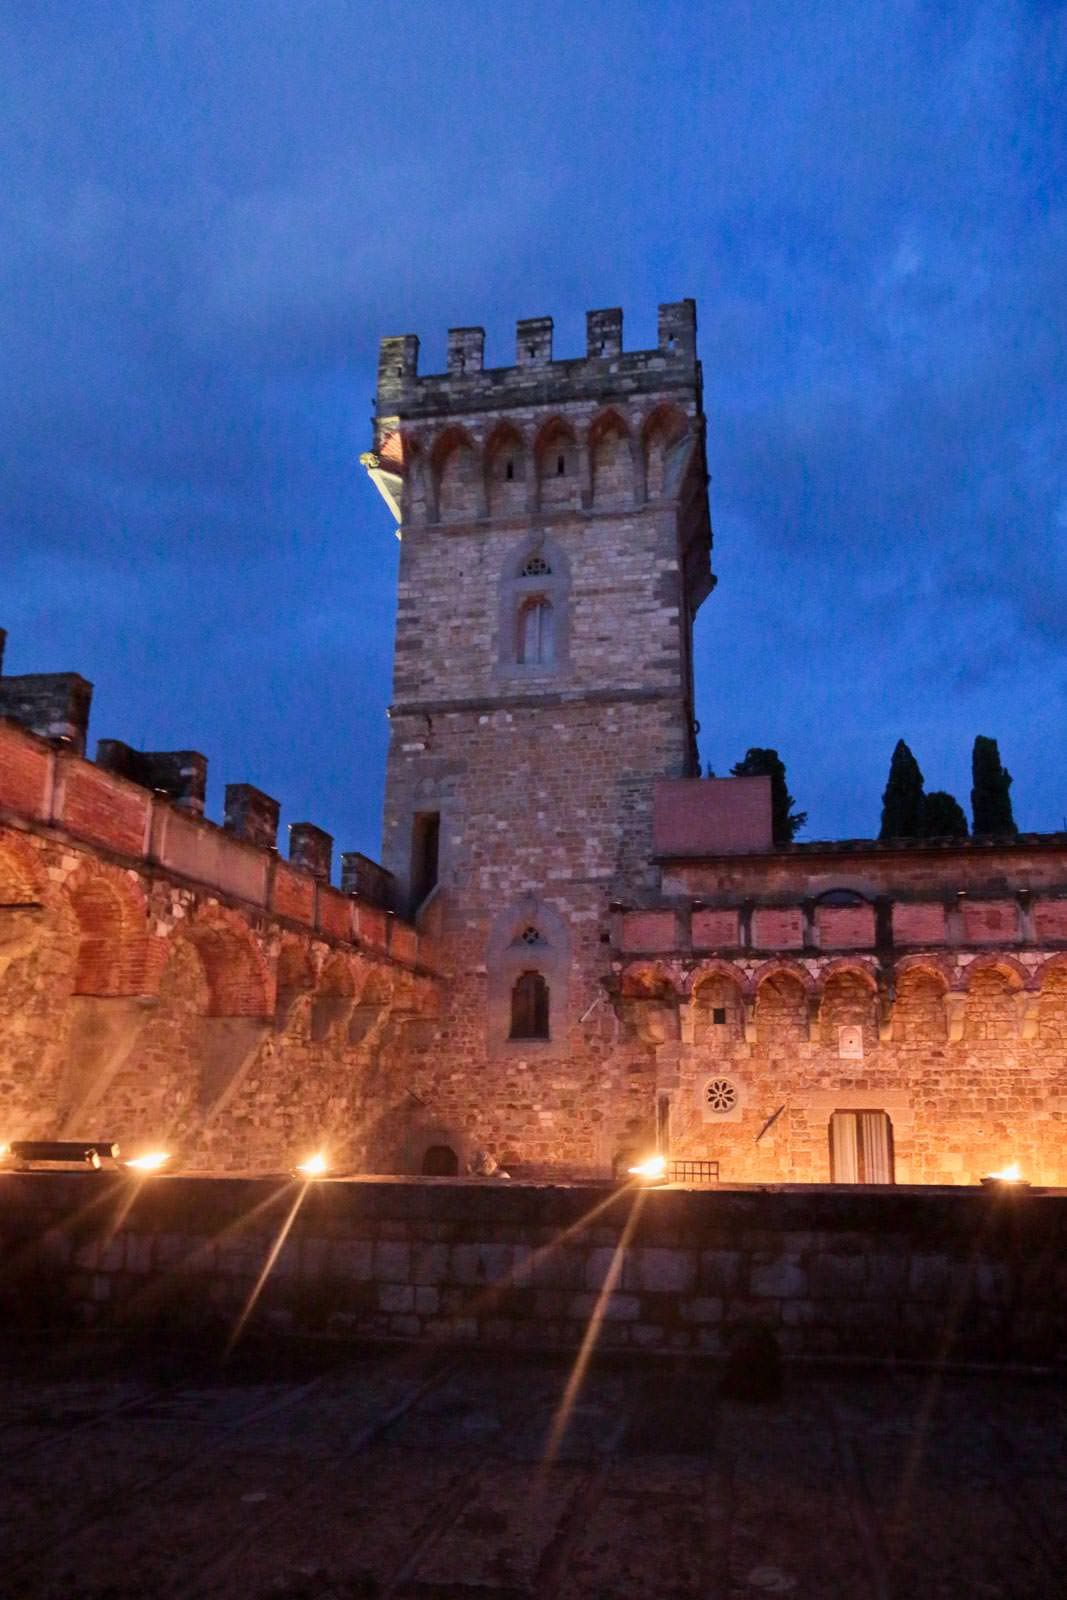 the tower of vincigliata